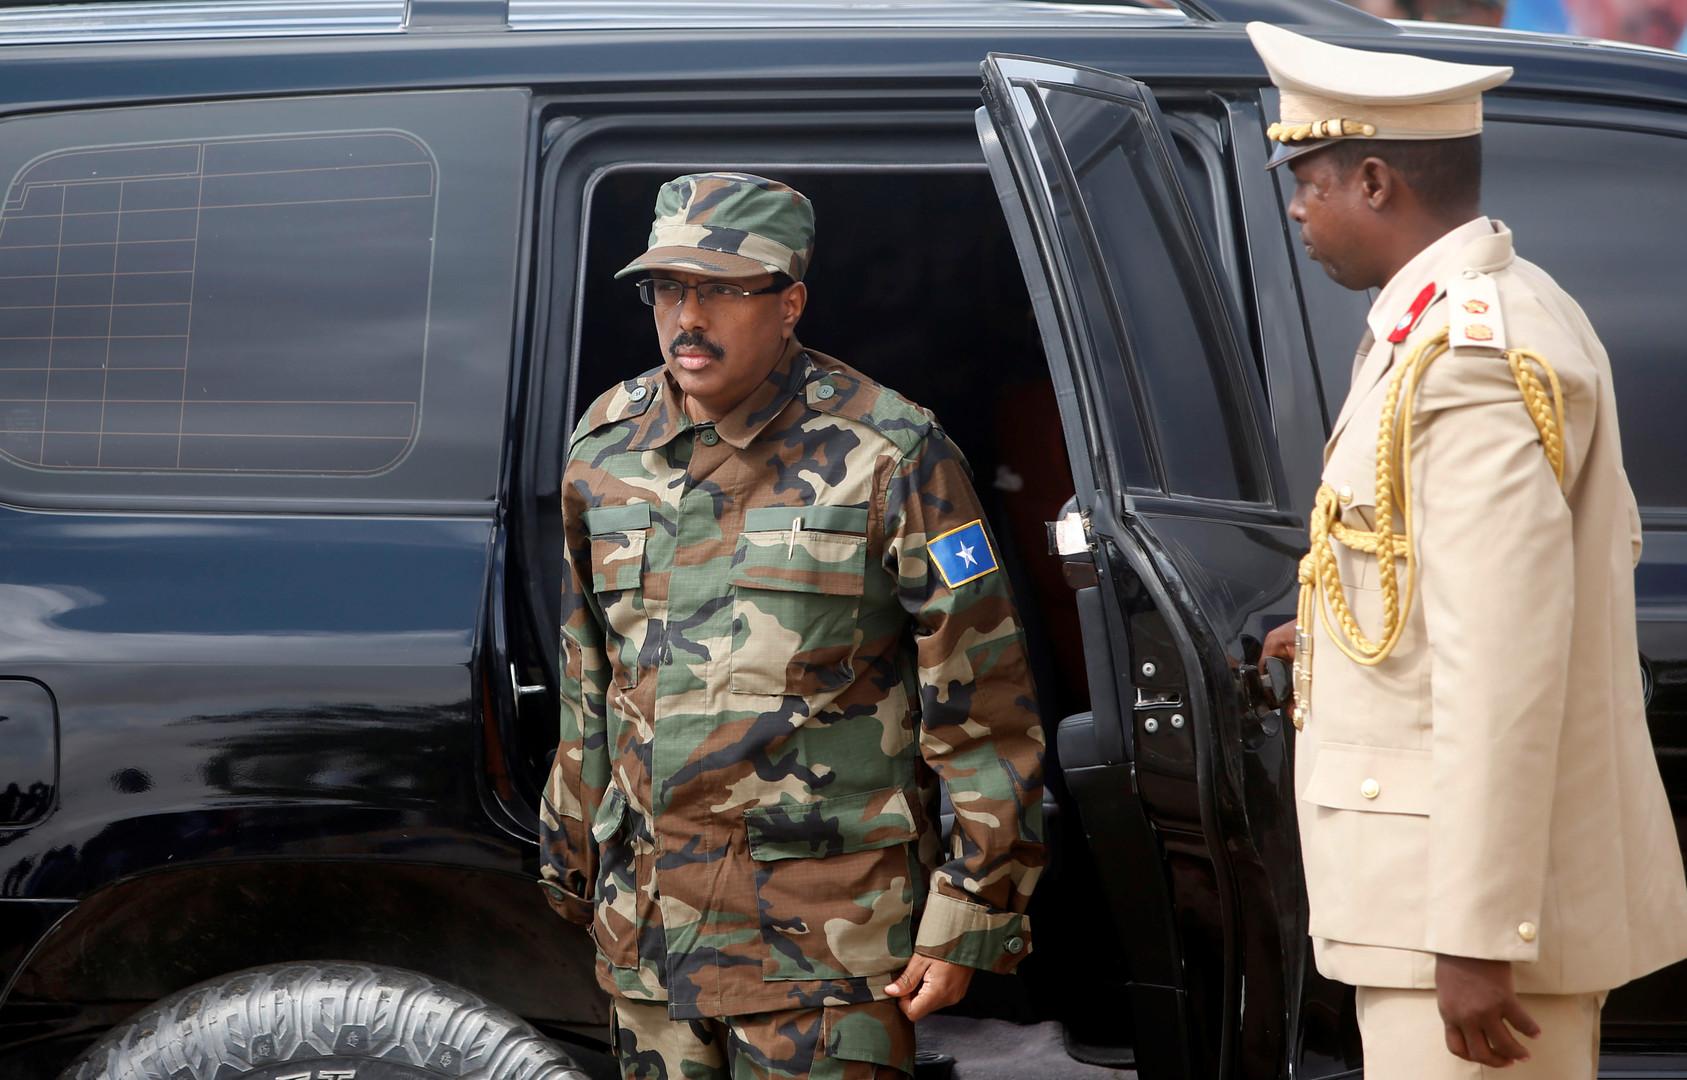 رئيس الصومال يتنازل عن الجنسية الأمريكية